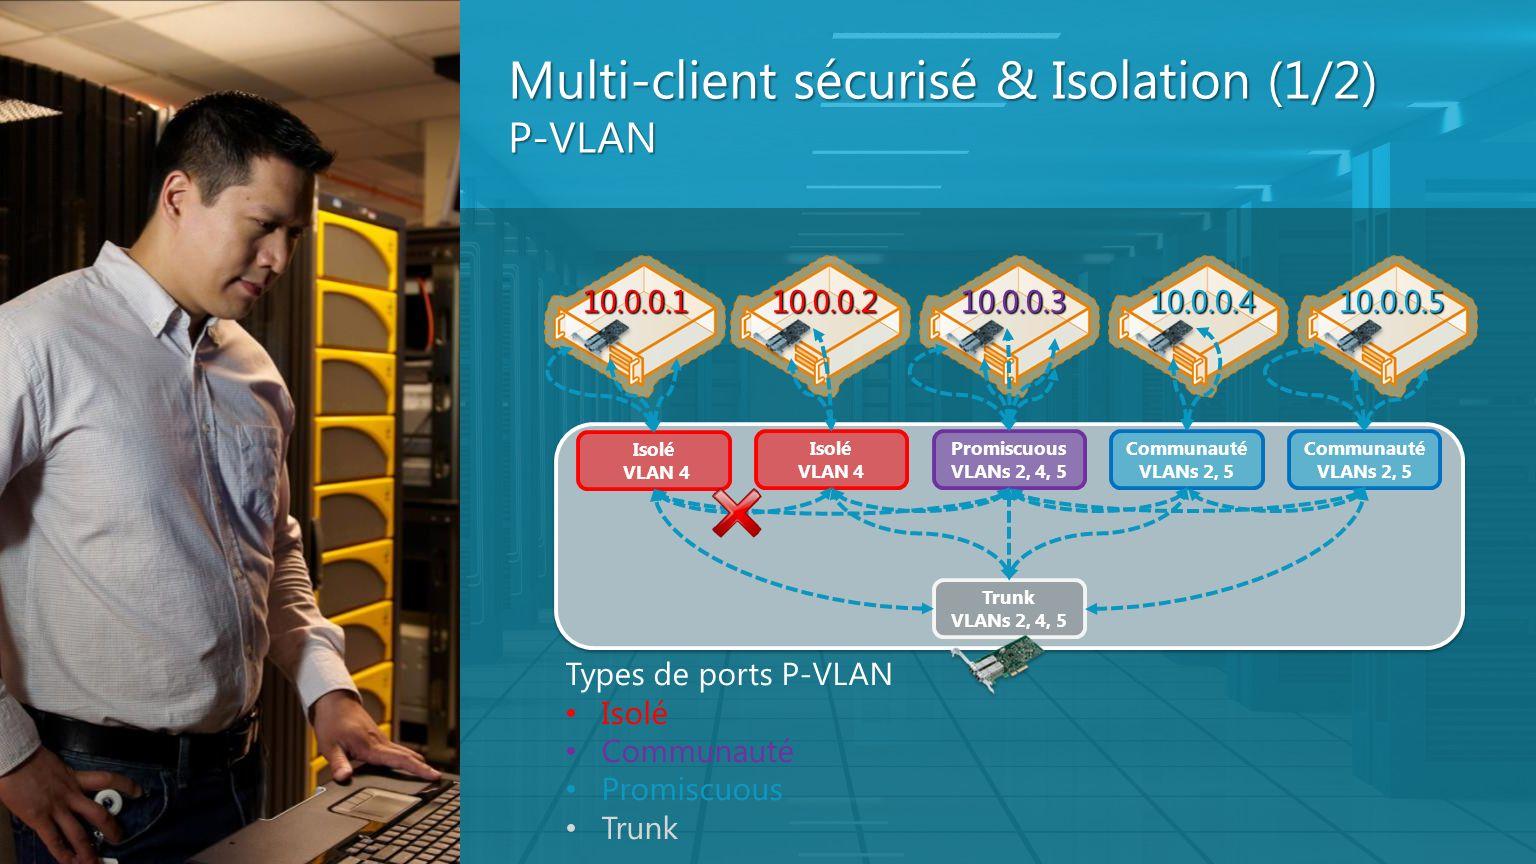 Multi-client sécurisé & Isolation (1/2) P-VLAN Promiscuous VLANs 2, 4, 5 Communauté VLANs 2, 5 Communauté VLANs 2, 5 Isolé VLAN 4 Isolé VLAN 4 Trunk V